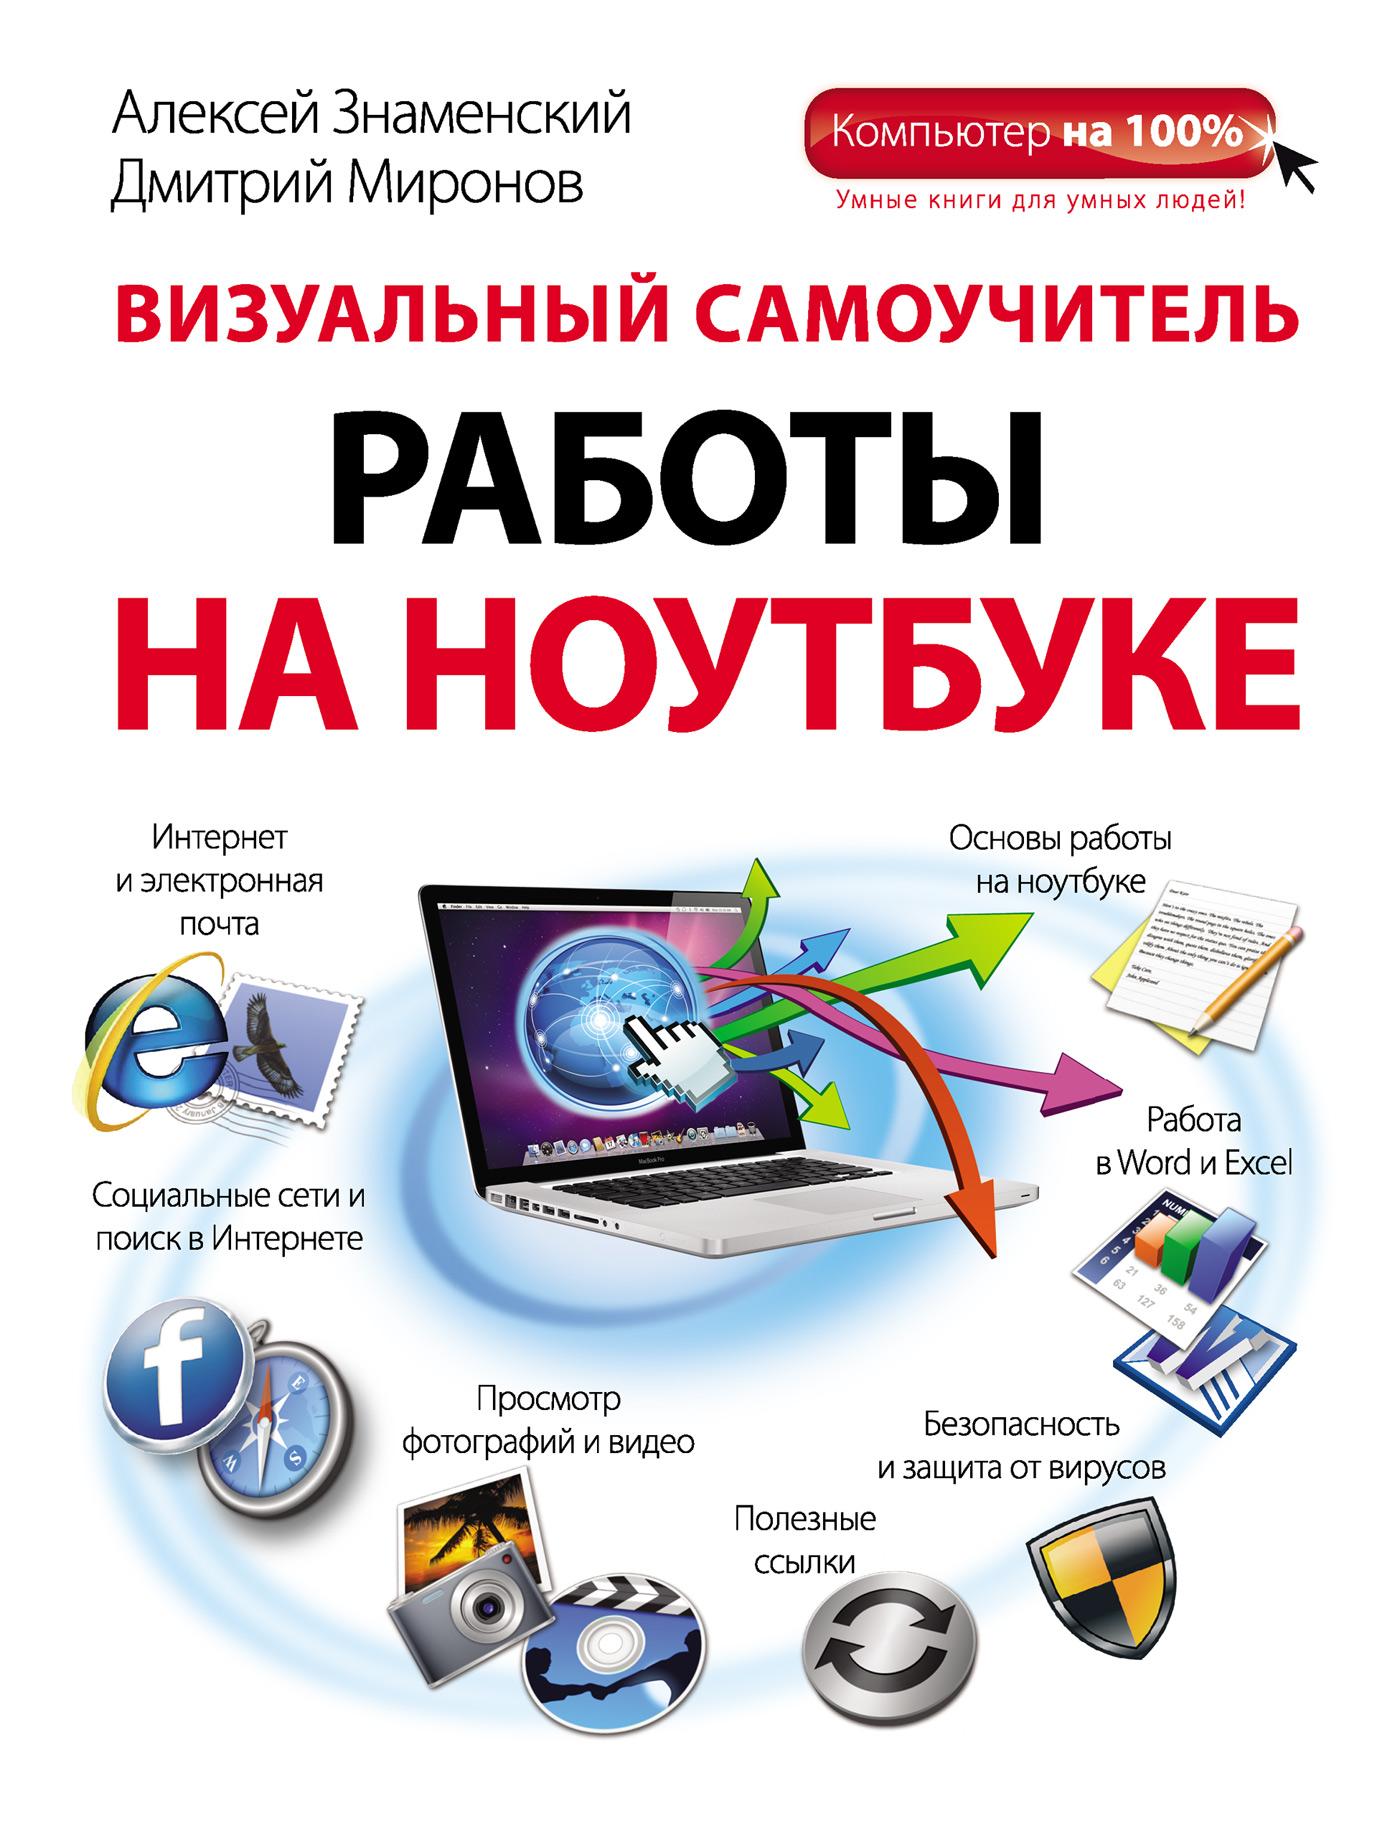 Алексей Знаменский Визуальный самоучитель работы на ноутбуке алексей знаменский визуальный самоучитель интернета